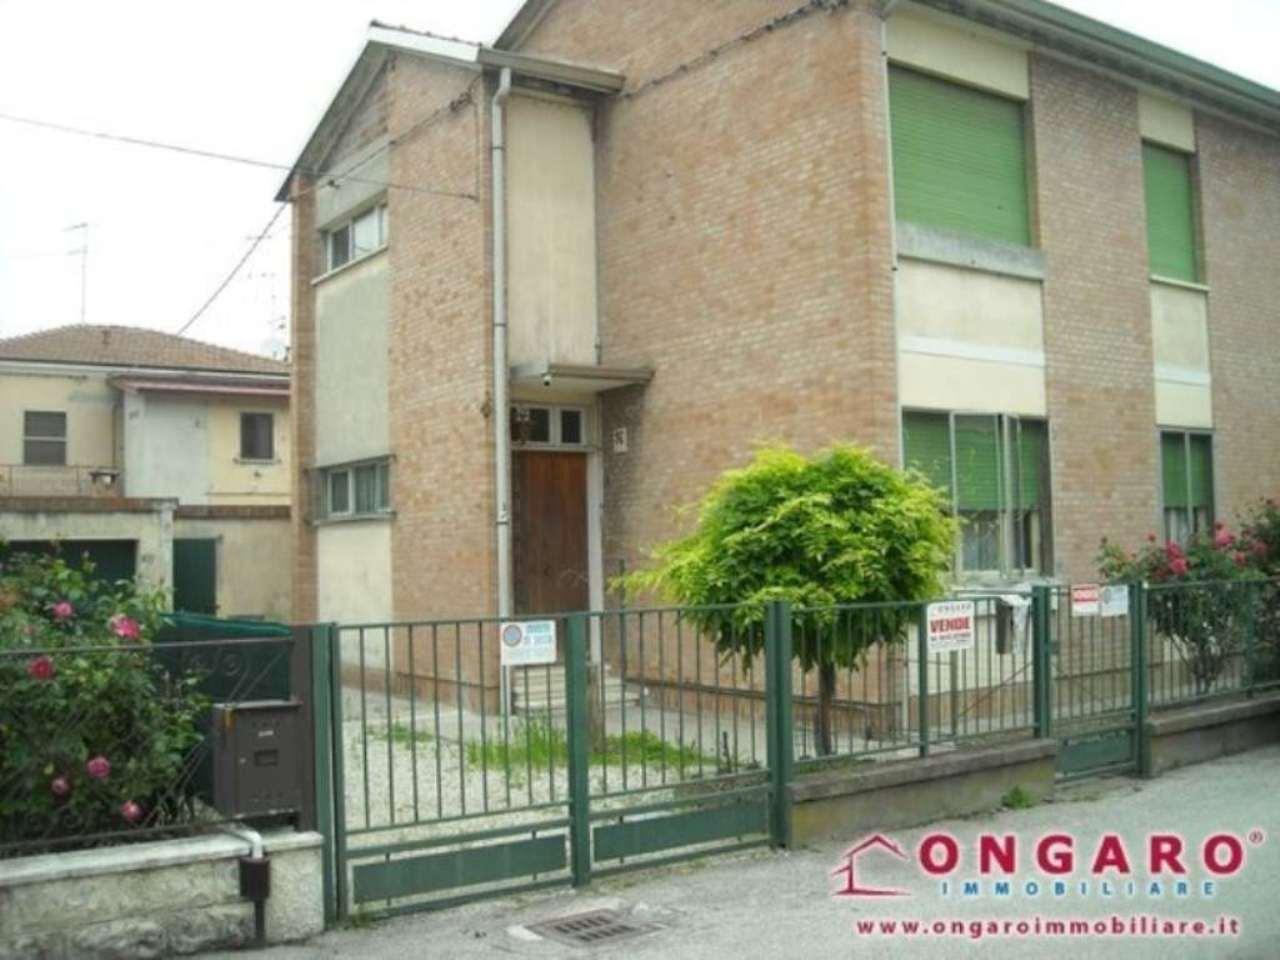 Appartamento in vendita a Copparo, 6 locali, prezzo € 75.000 | Cambio Casa.it